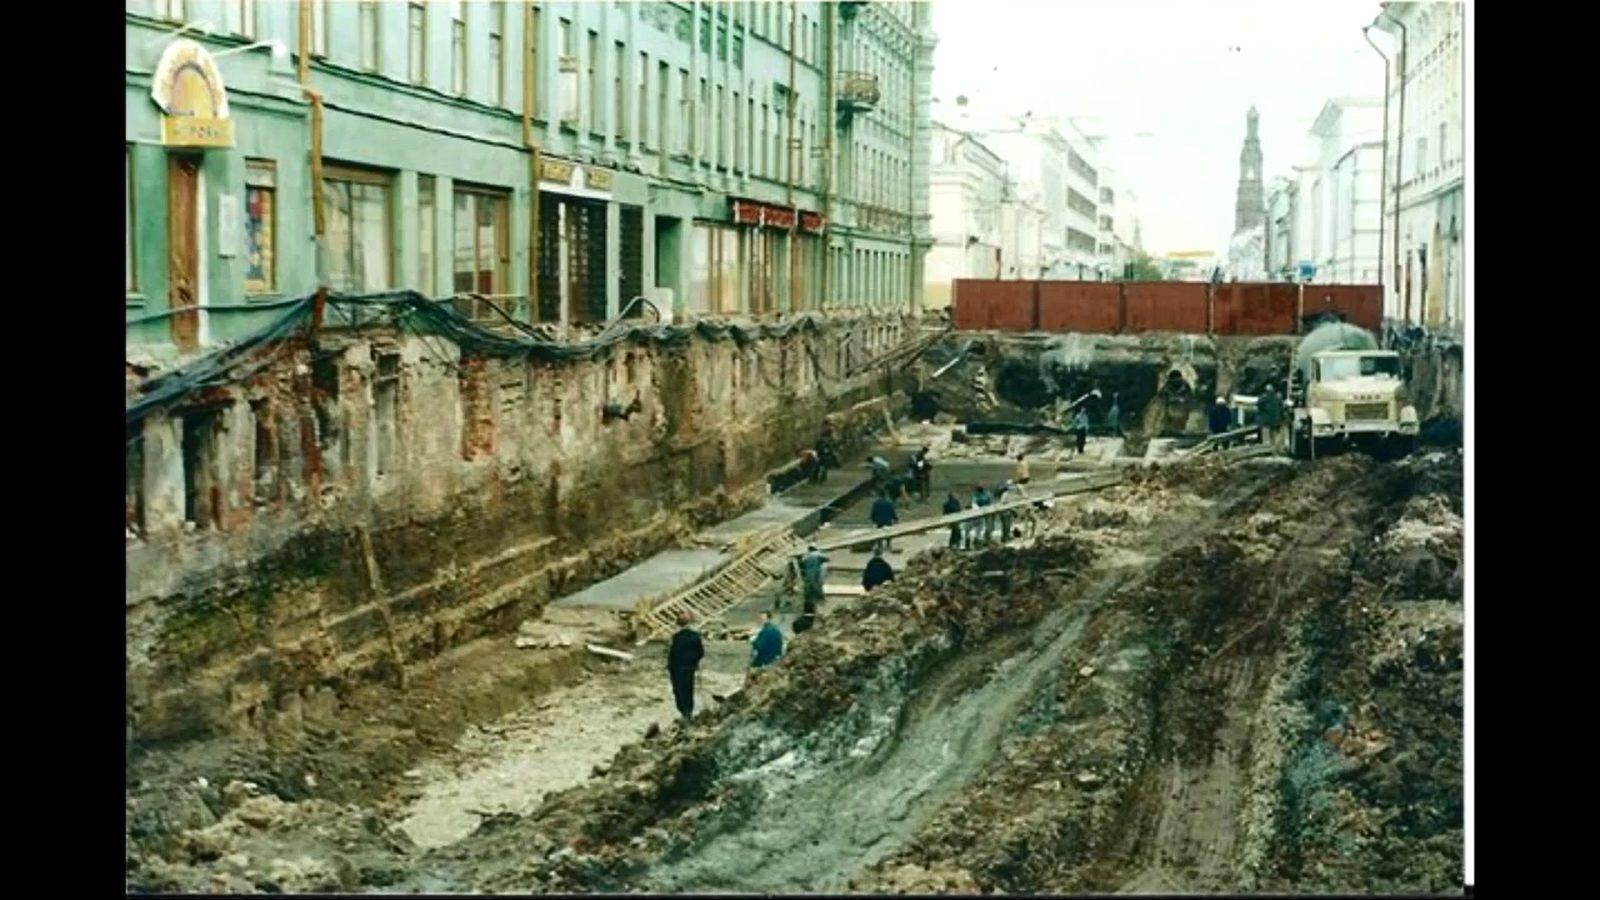 Следы того, что нижняя часть здания в центре Казани была долгое время засыпана грунтом